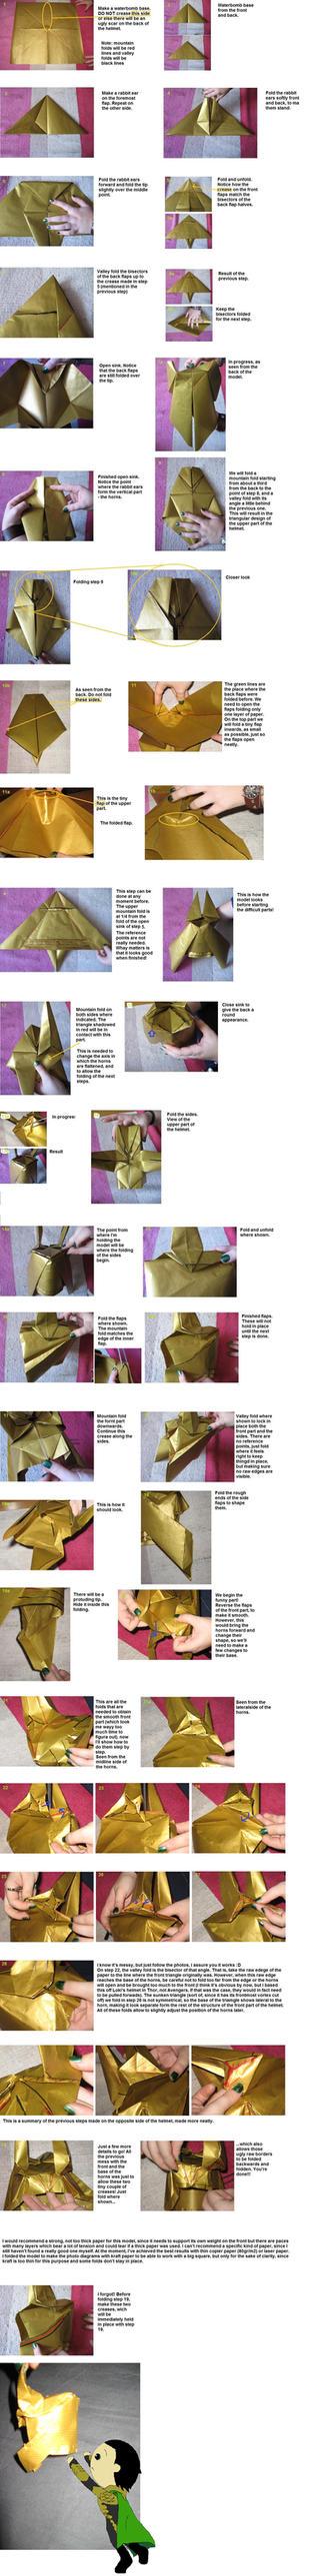 Loki origami helmet diagrams by WindMermaid